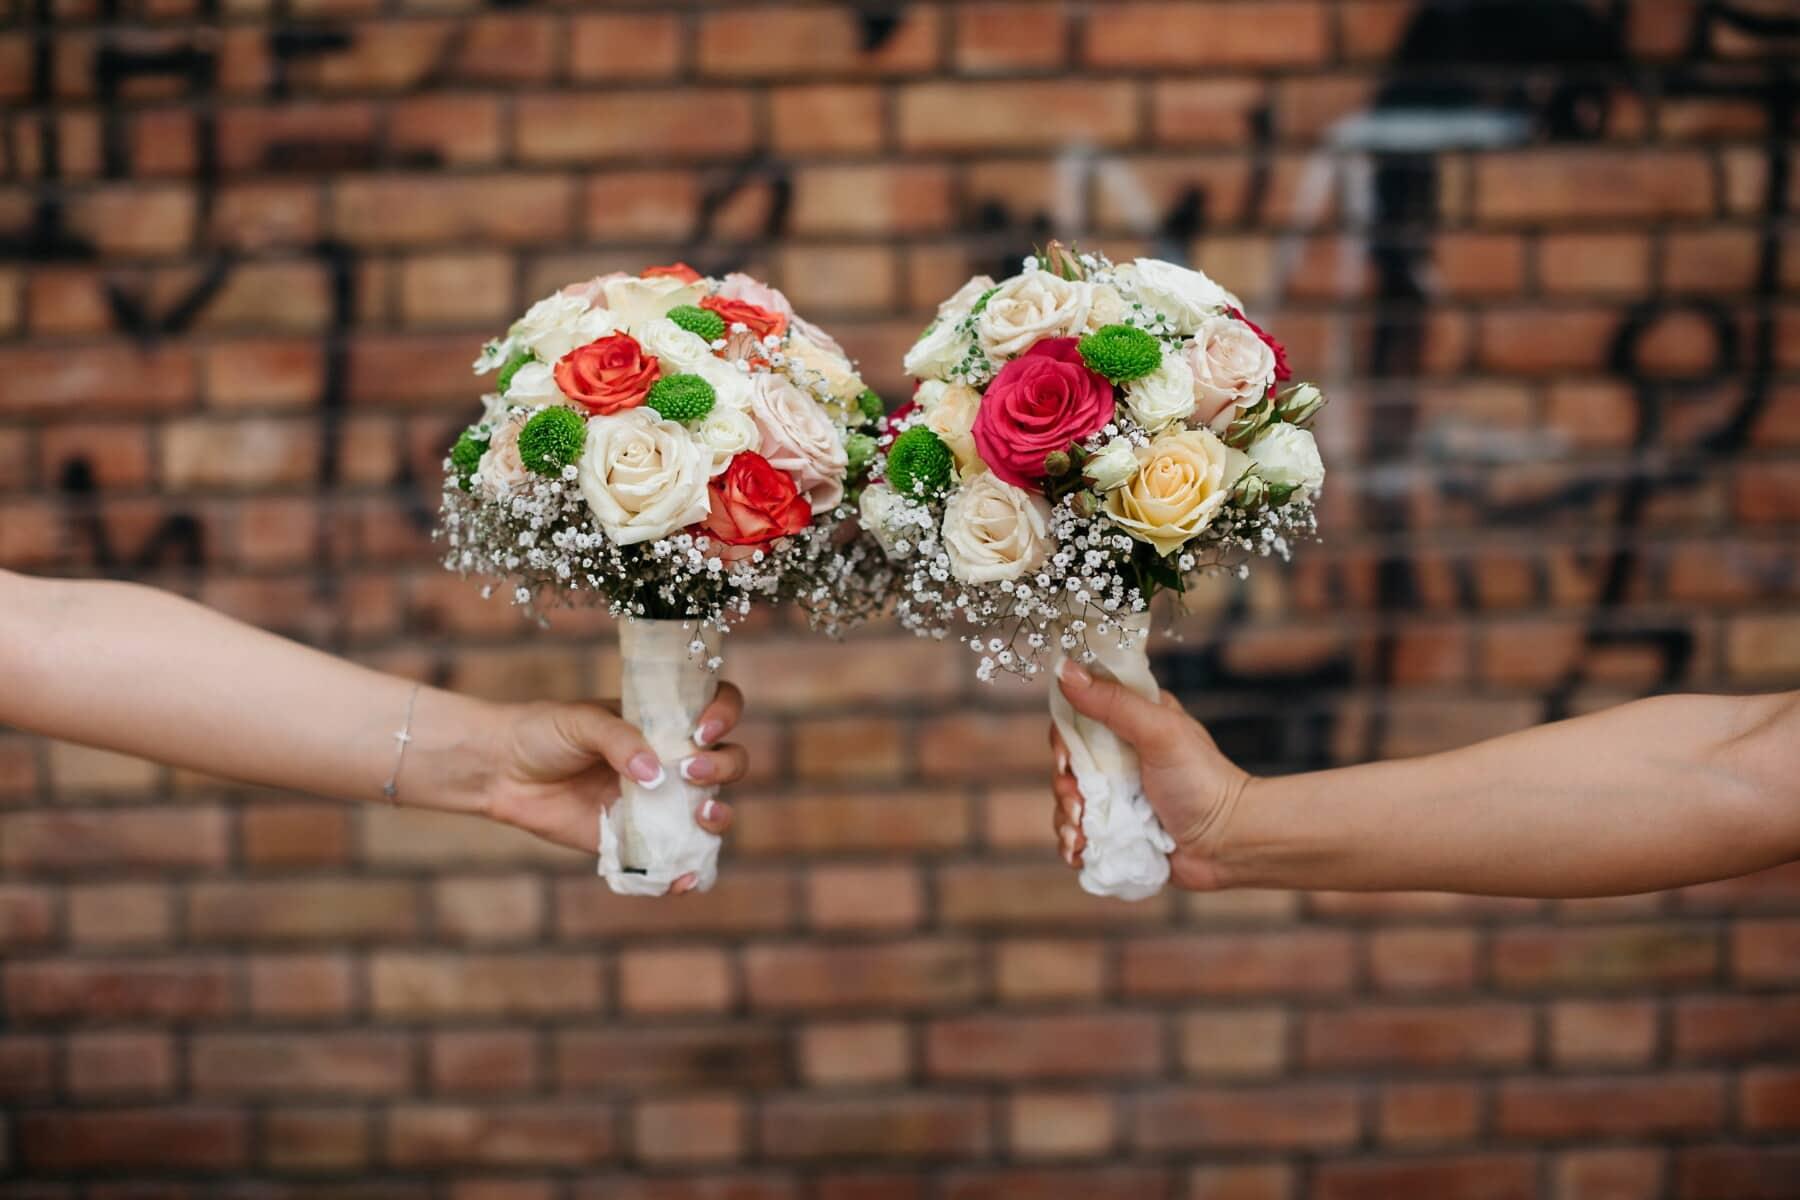 mains, bouquet de mariage, horizontal, briques, mur, arrière-plan, fleur, bouquet, amour, femme